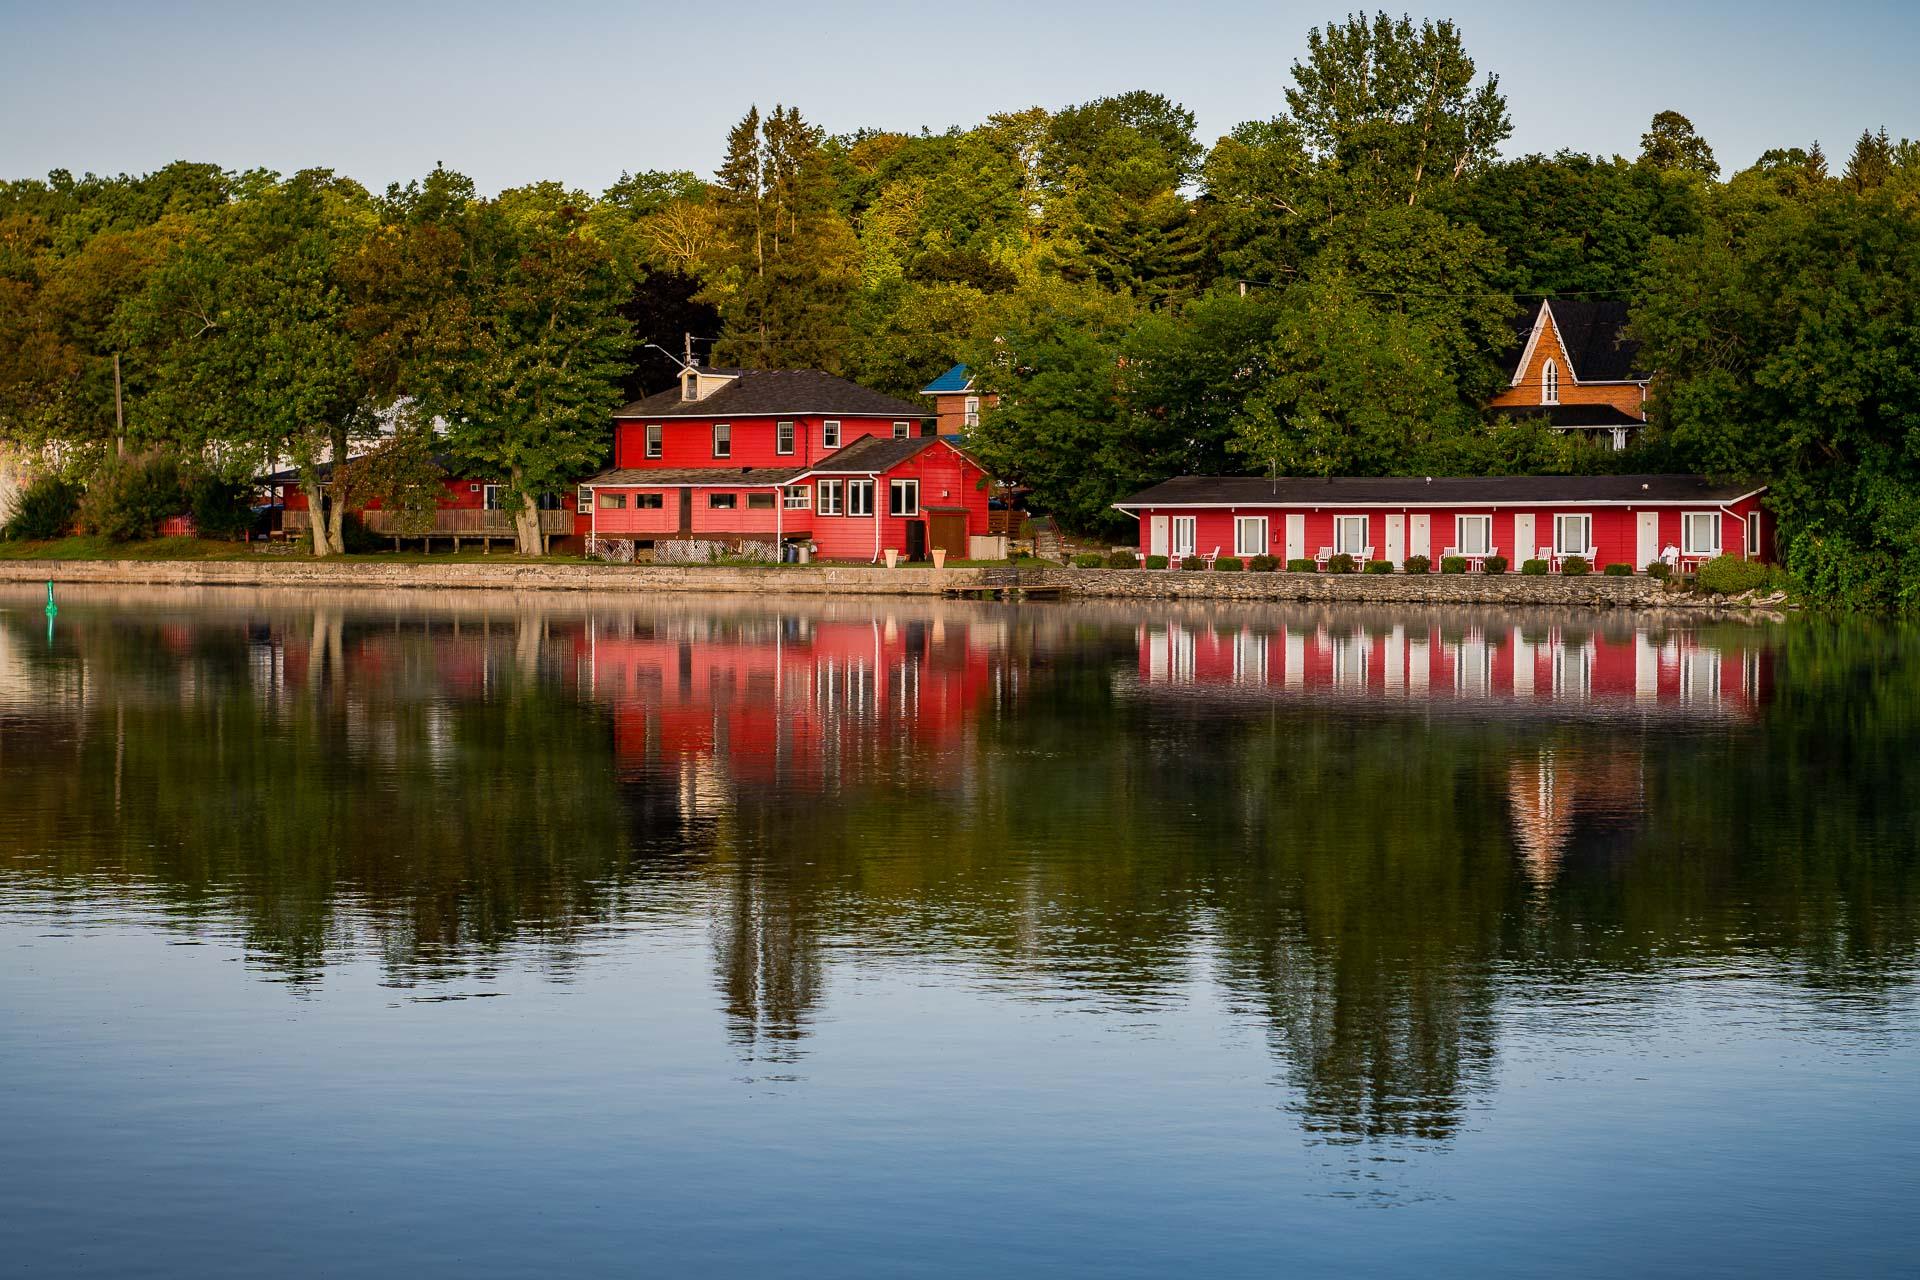 The Water's Edge Inn